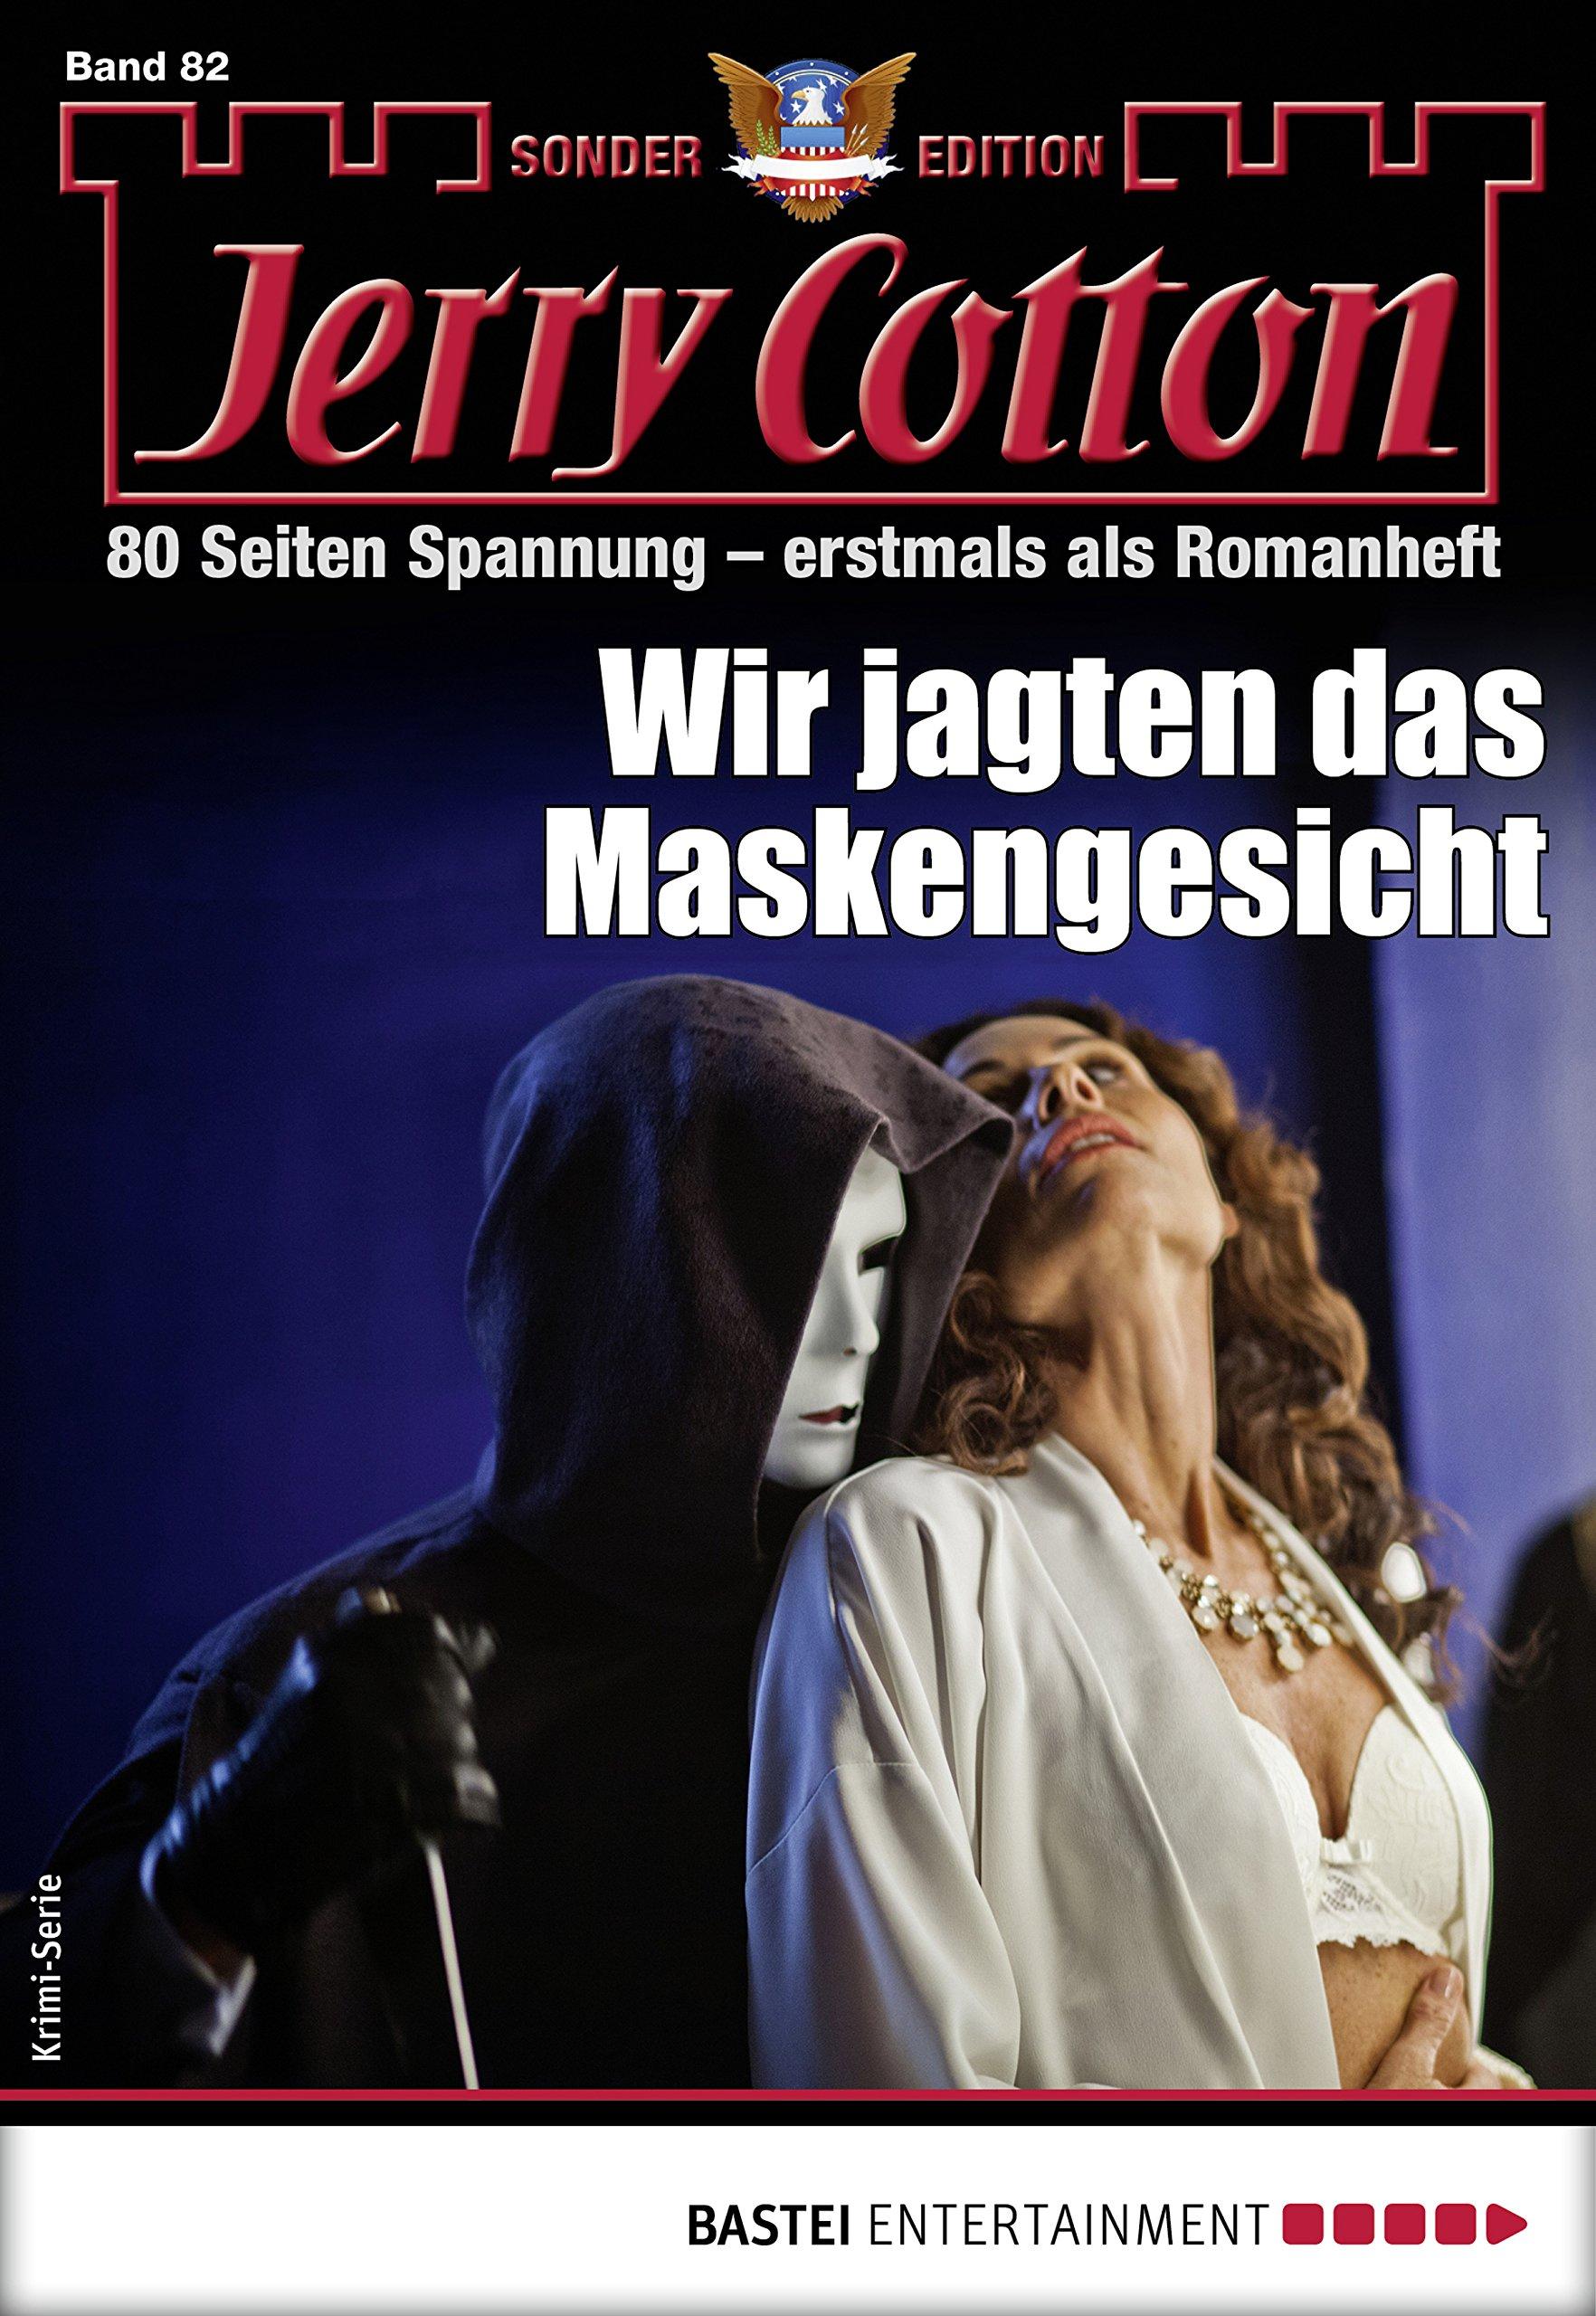 Jerry Cotton Sonder-Edition 82 - Krimi-Serie: Wir jagten das Maskengesicht